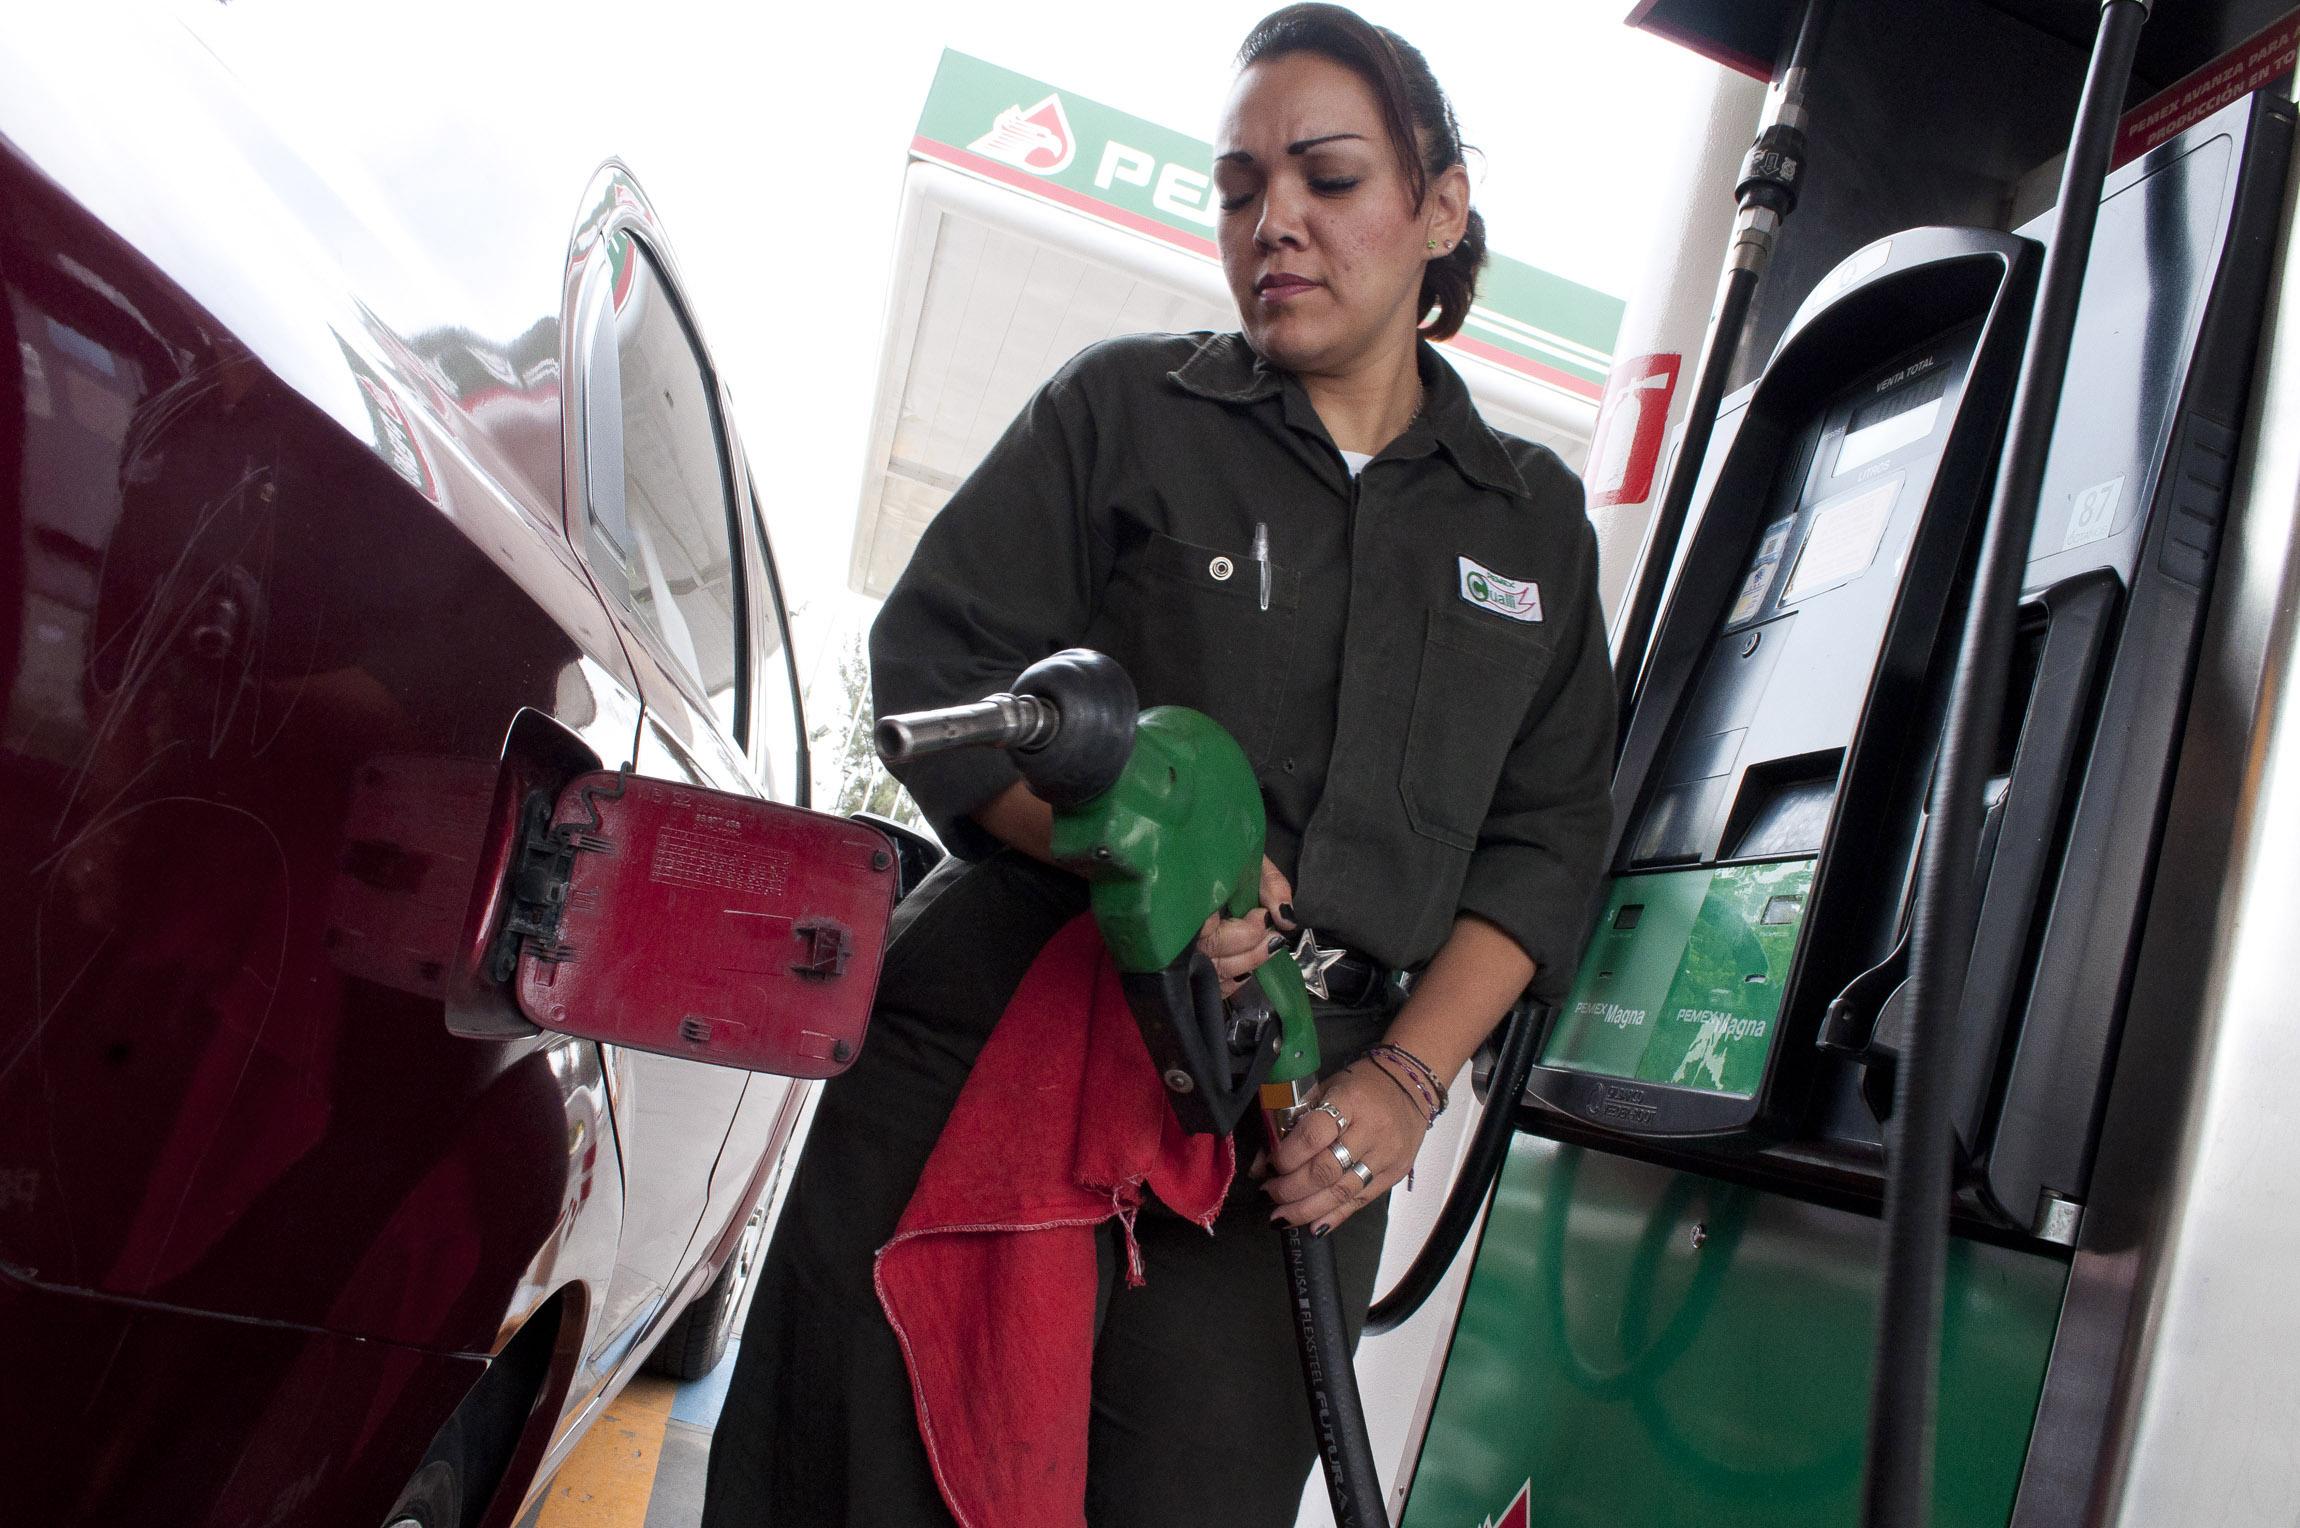 SHCP recaudó 176.1 mil millones de pesos más por concepto de IEPS aplicado a las gasolinas, y el monto recibido por la cobertura petrolera, fue de 106 mil mdp, los mexicanos aportamos hasta 70 mdp más.